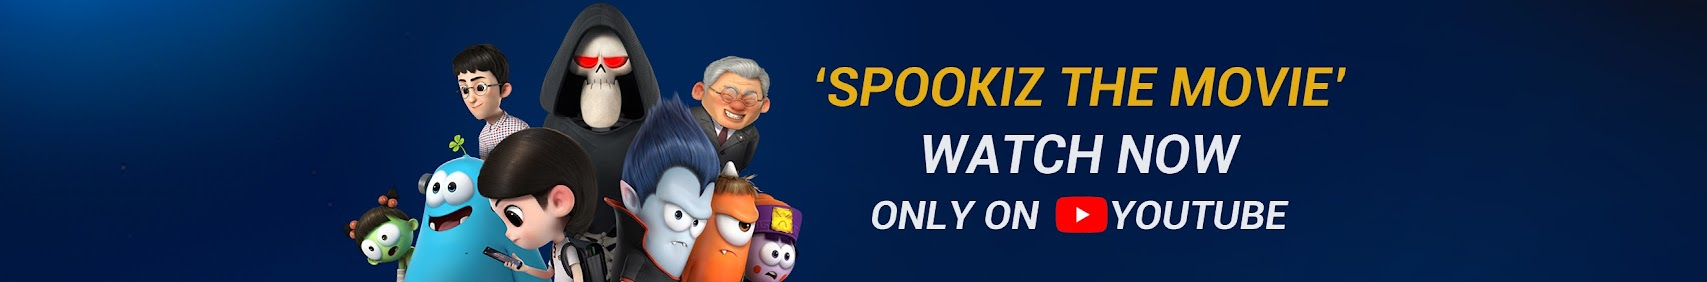 Spookiz-모두를위한 만화